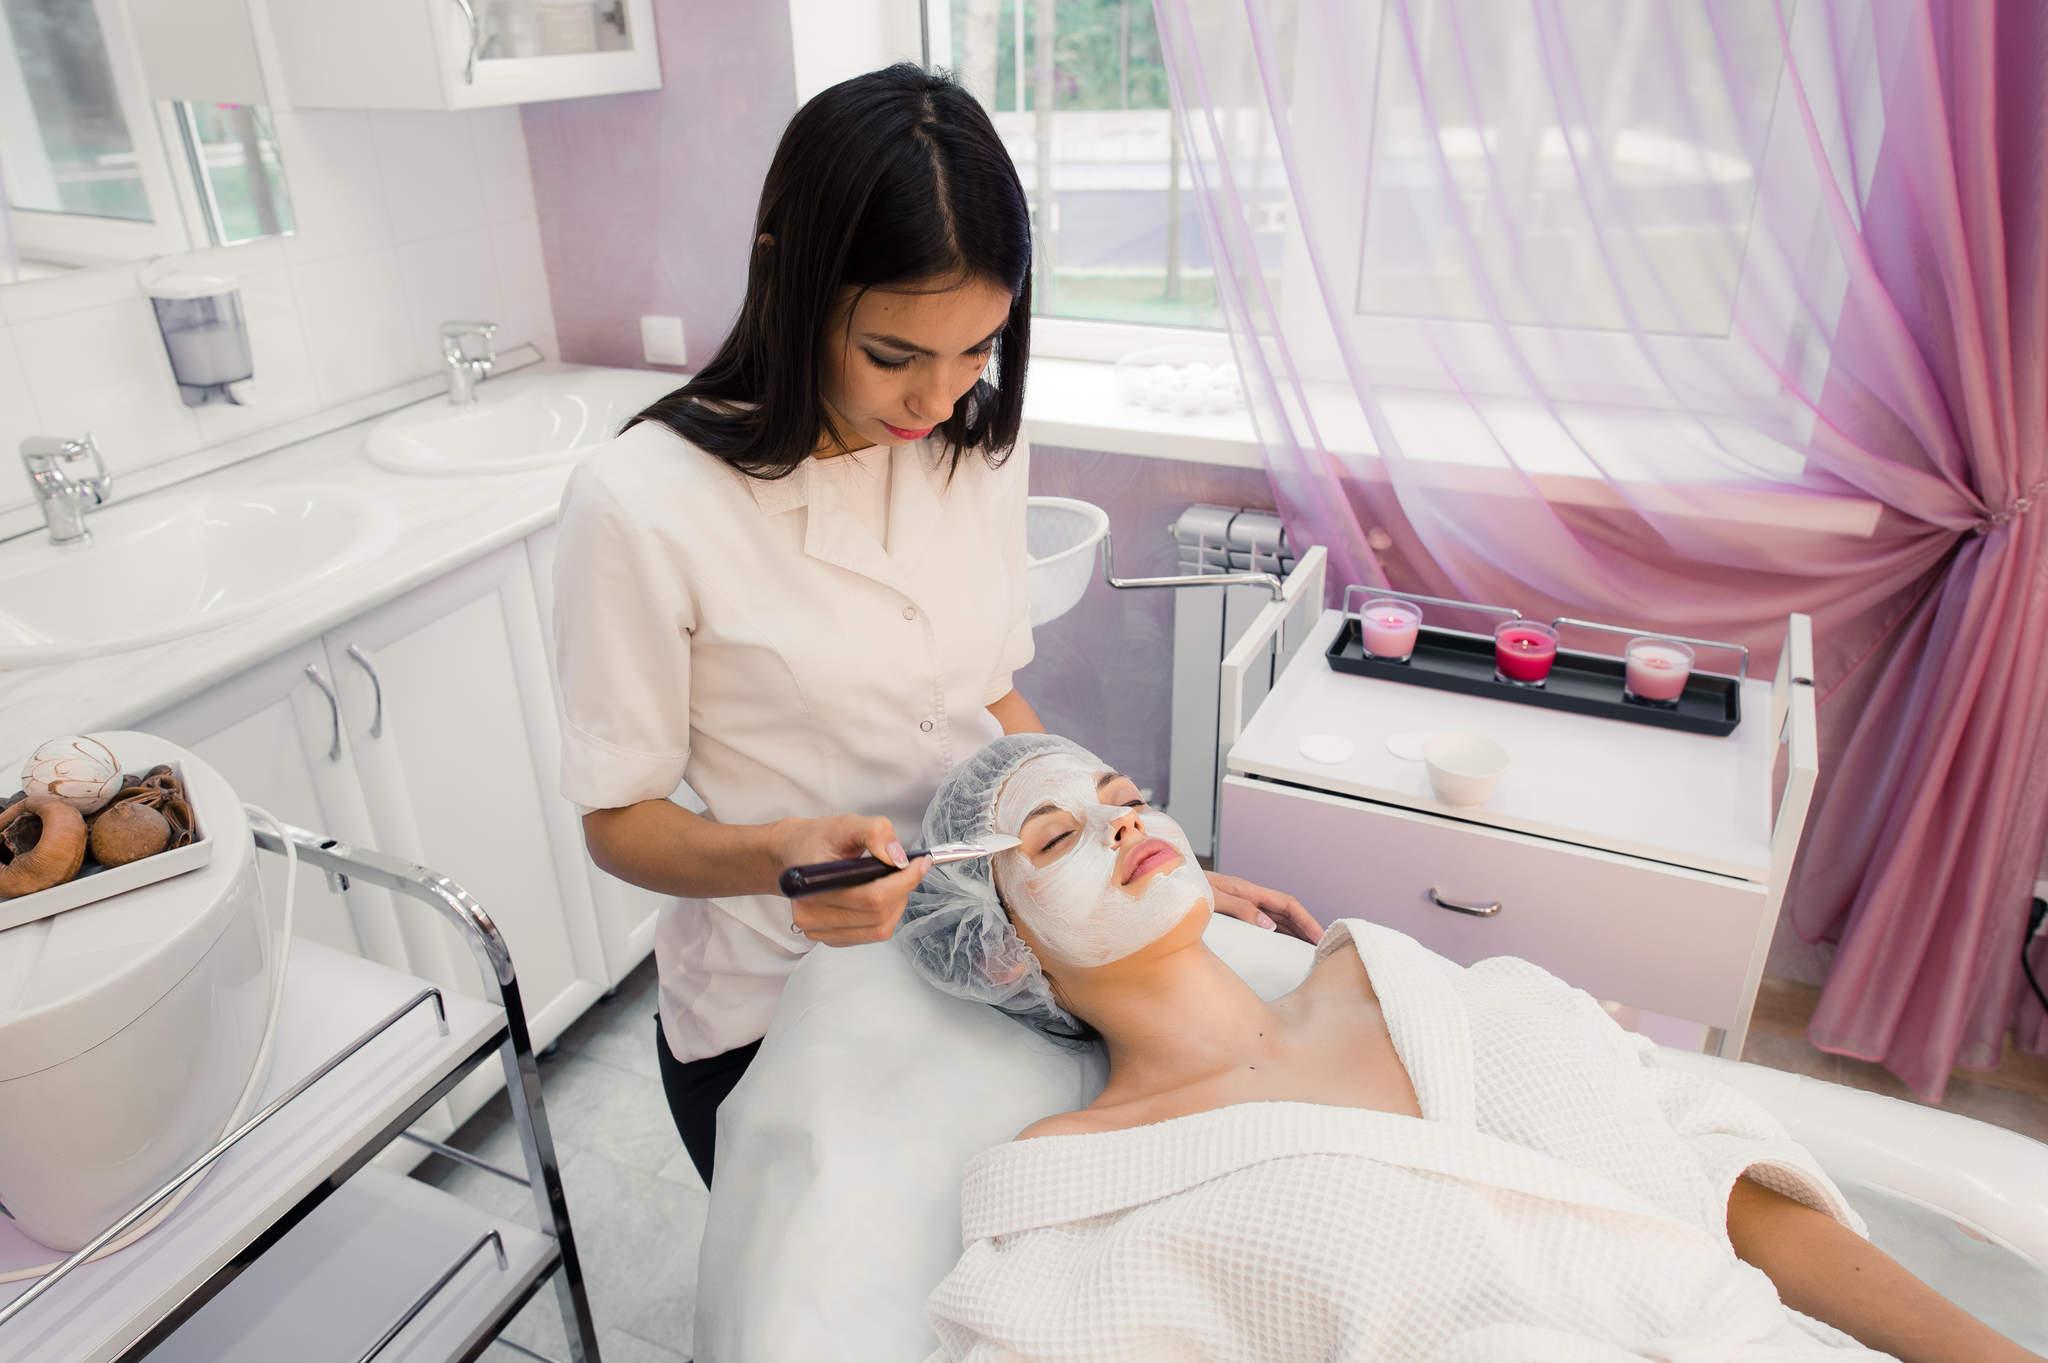 kozmetik uygulama, çam terebentin nasıl kullanılır